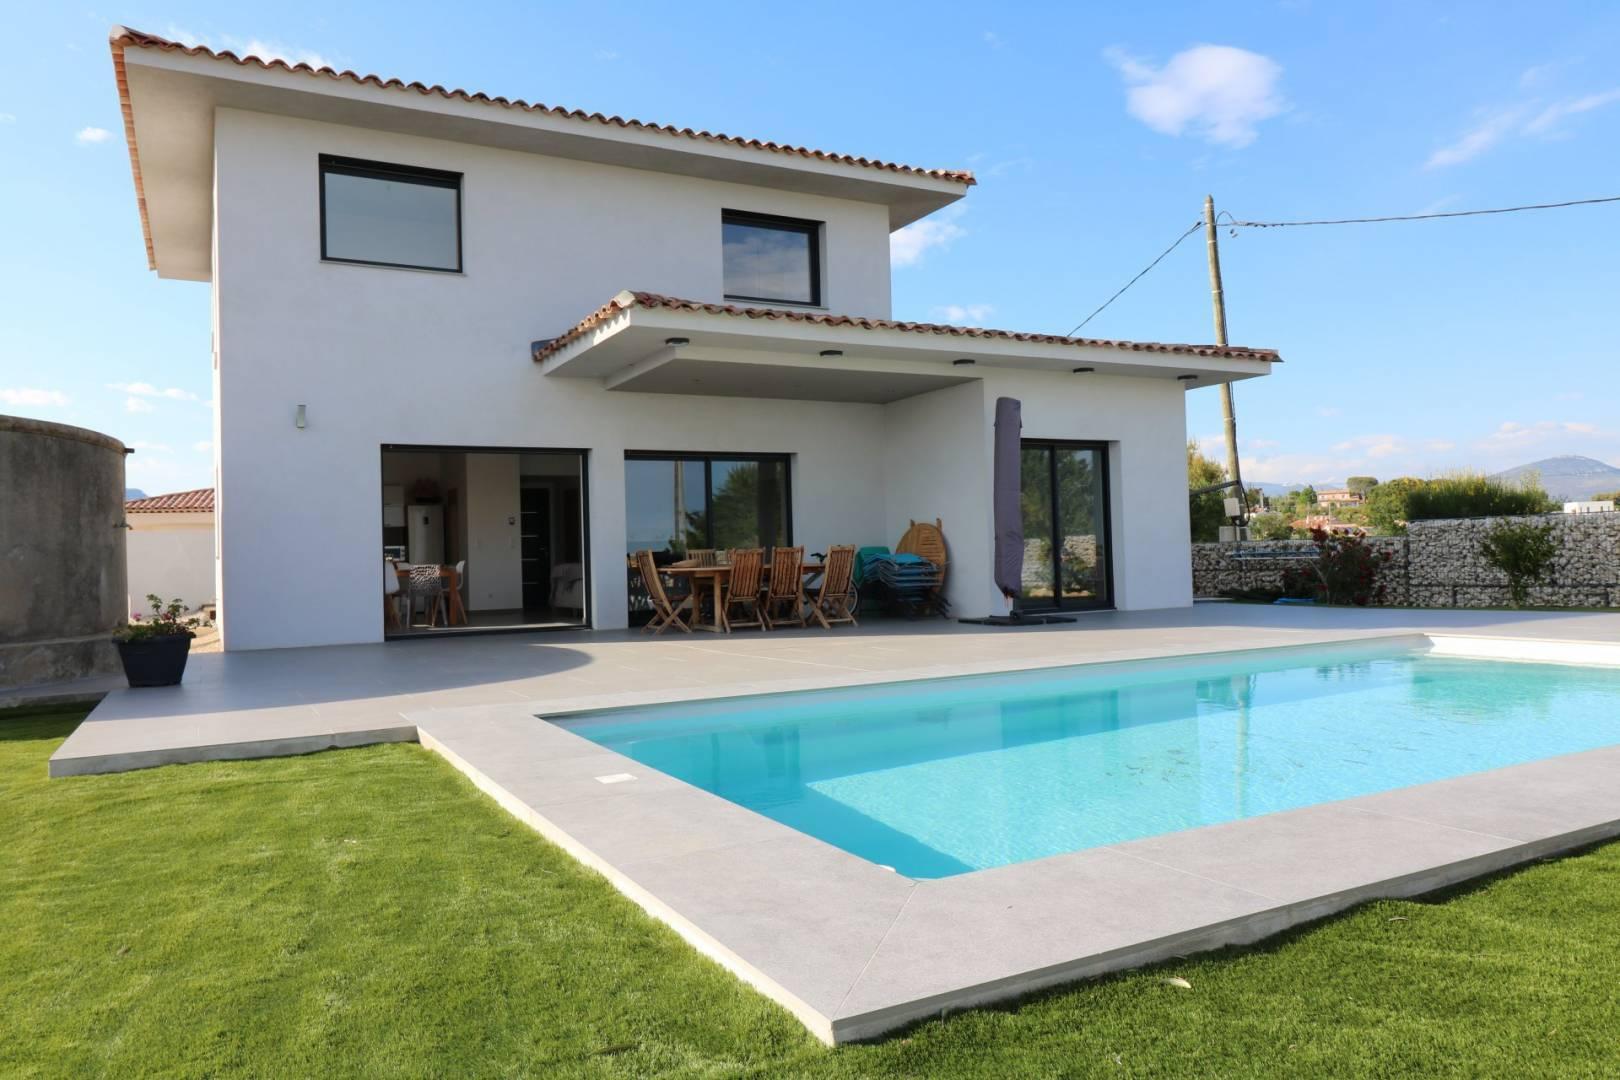 Location Villa Cagnes-sur-Mer